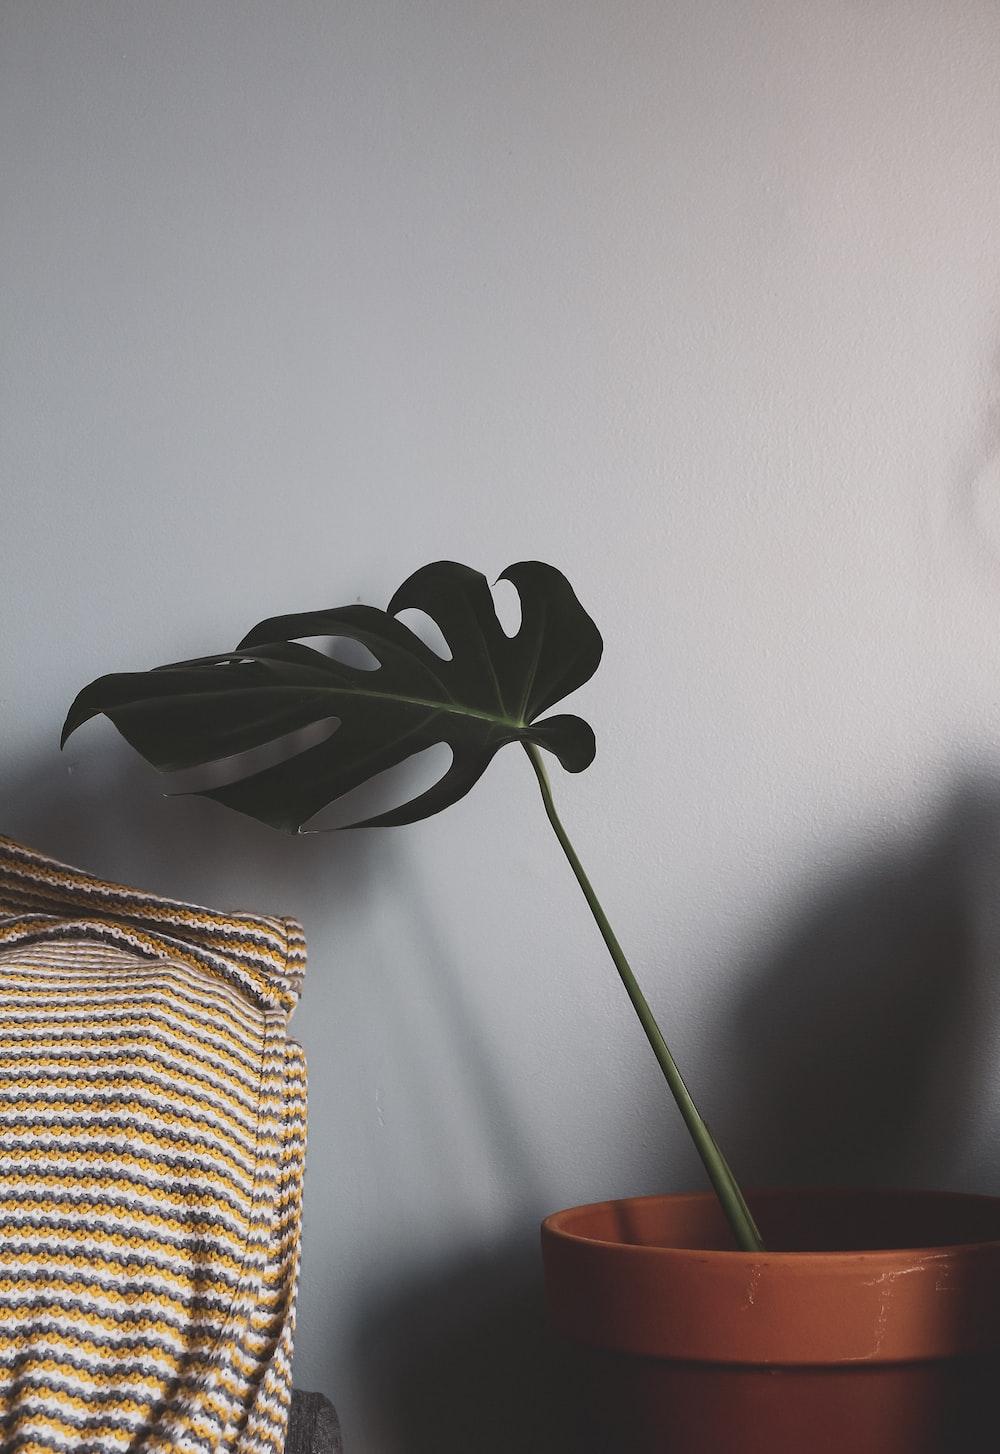 green plant in brown wicker basket